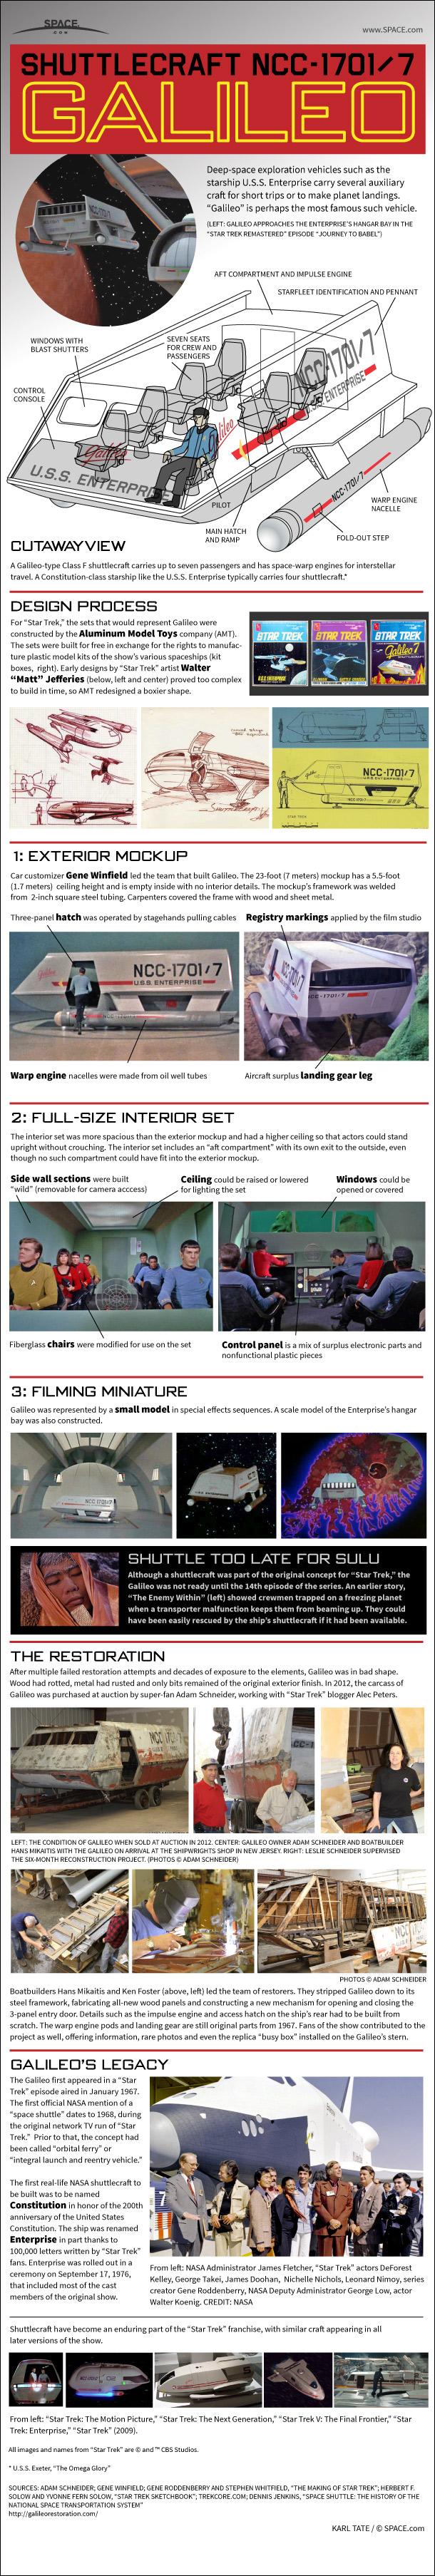 Inside Star Trek's Galileo Shuttlecraft (Infographic)